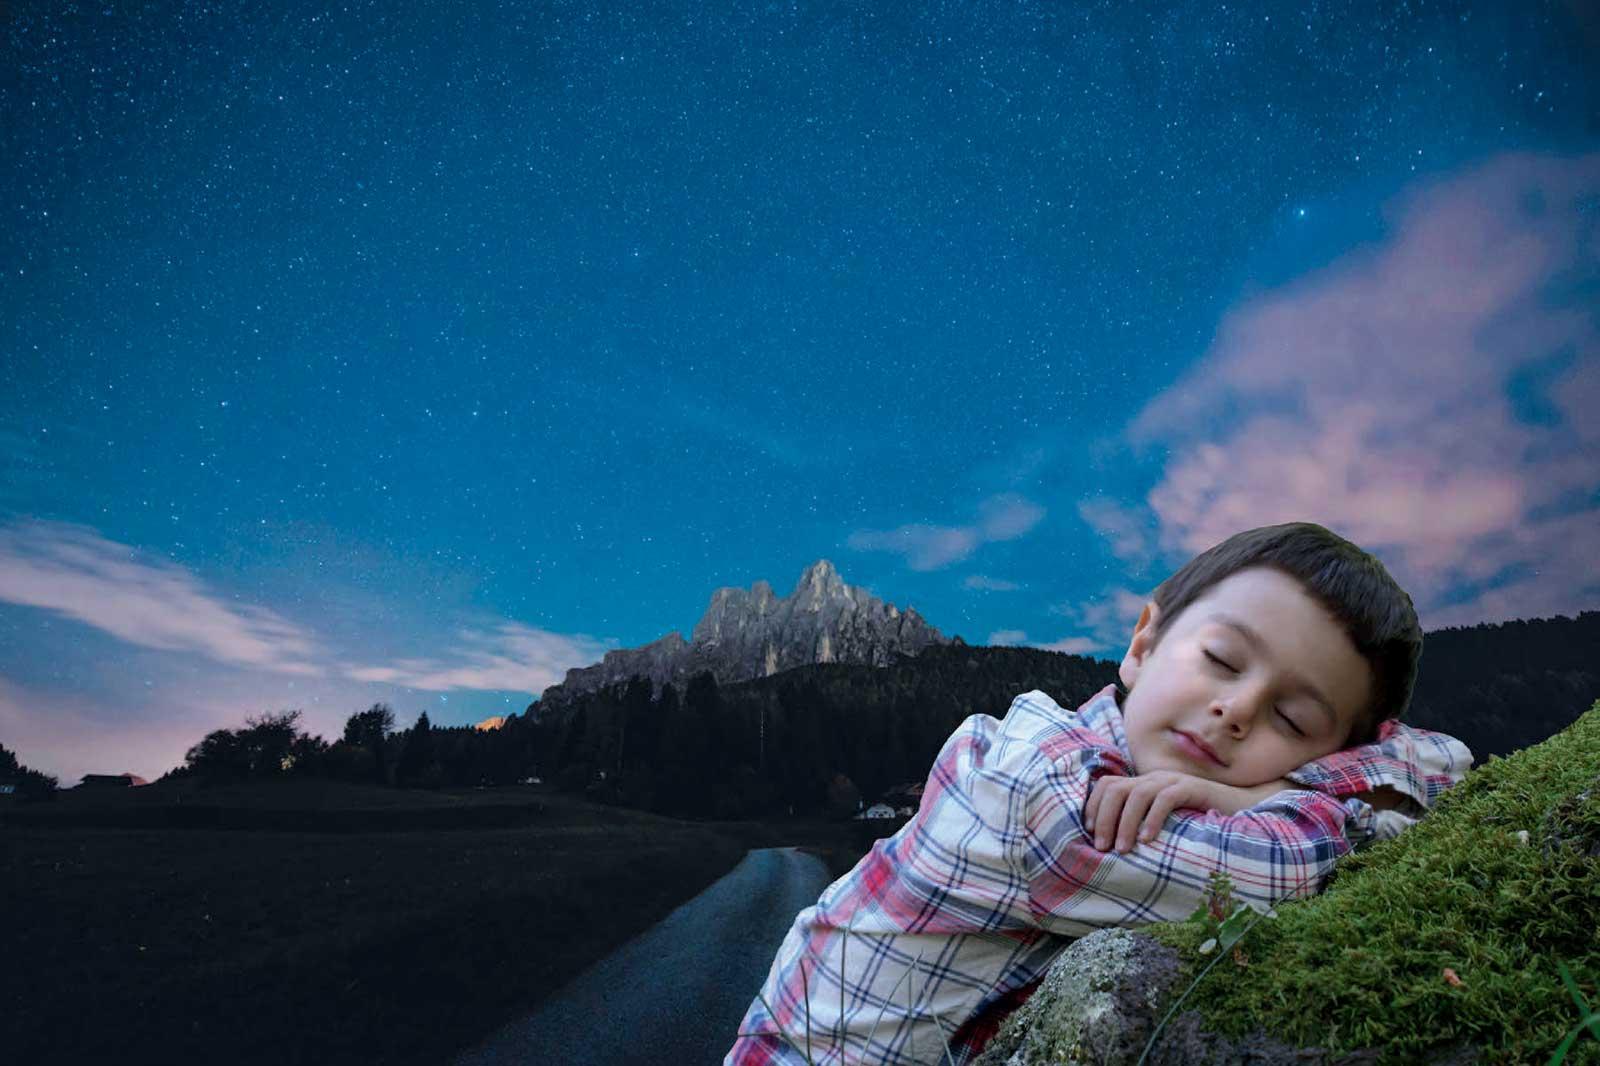 trentino-notte-parco-paneveggio-cover